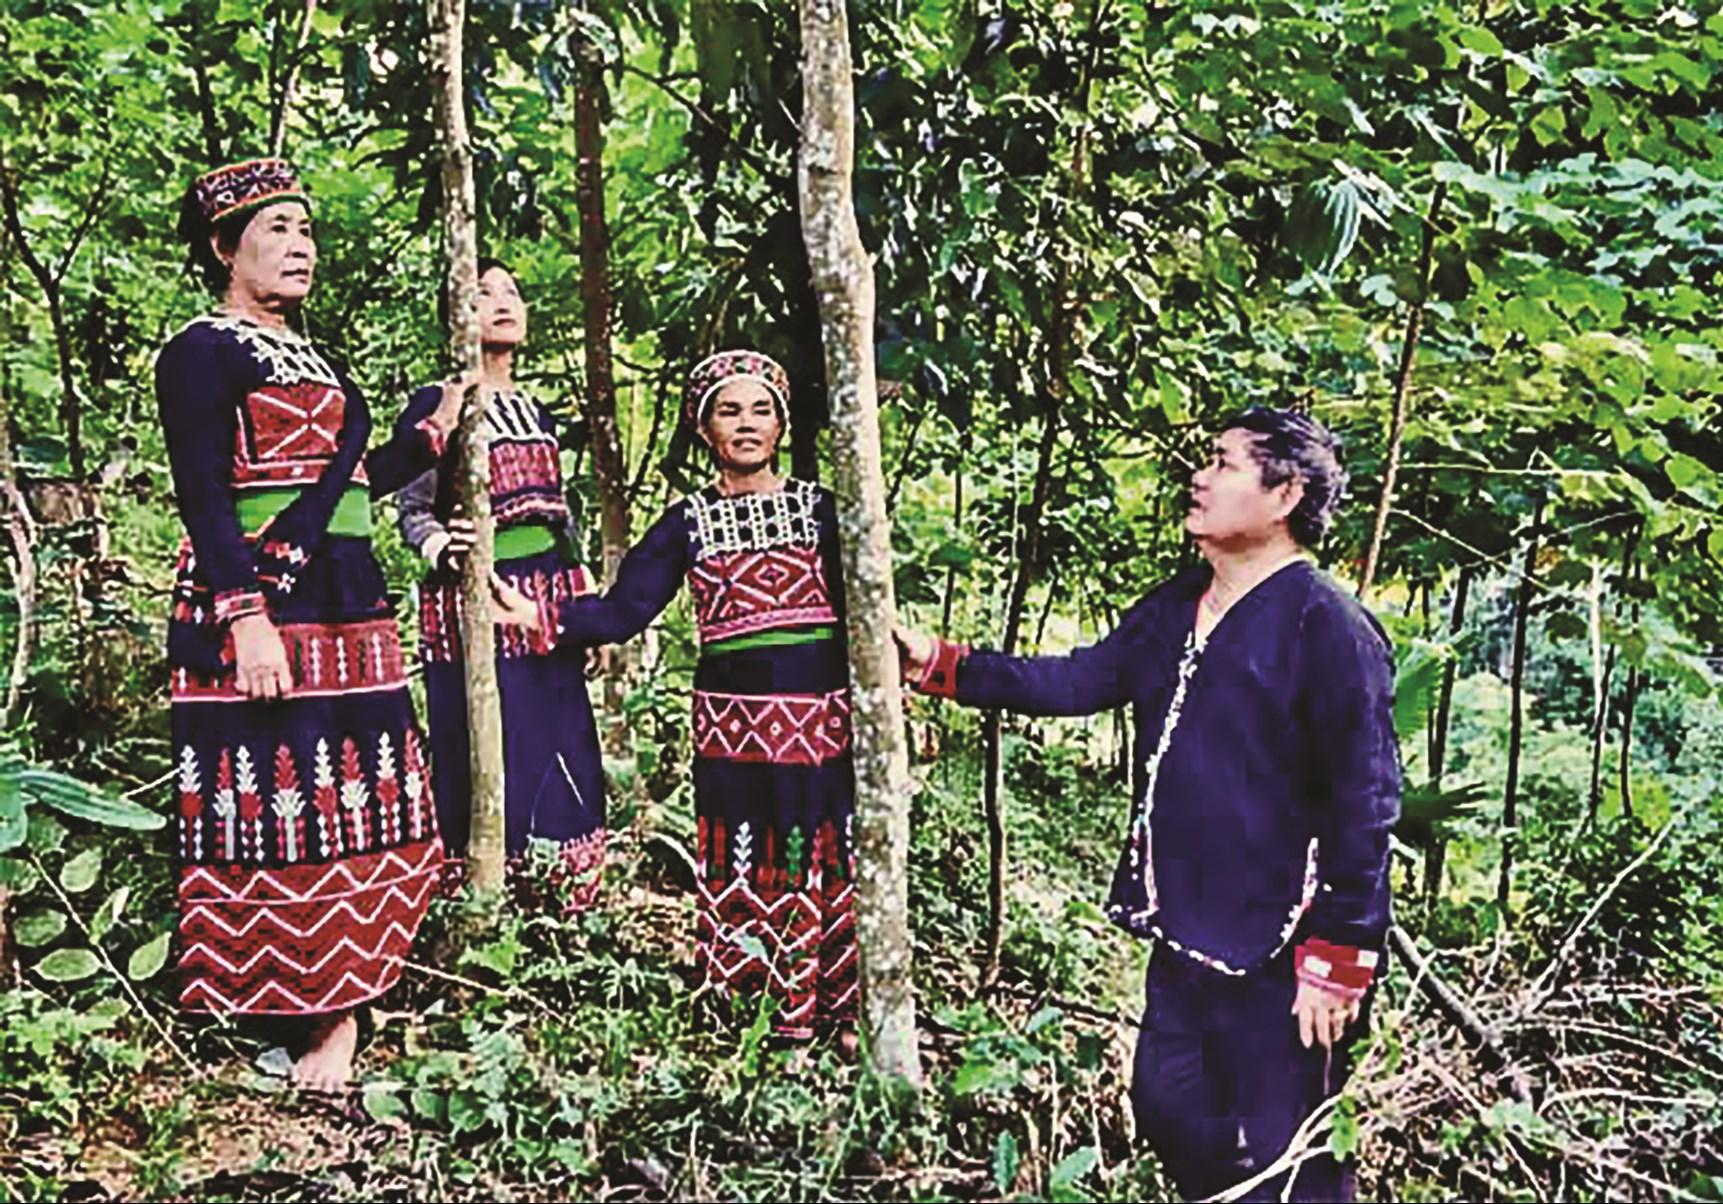 Bí thư Đặng Văn Lả hướng dẫn người dân trồng cây quế.